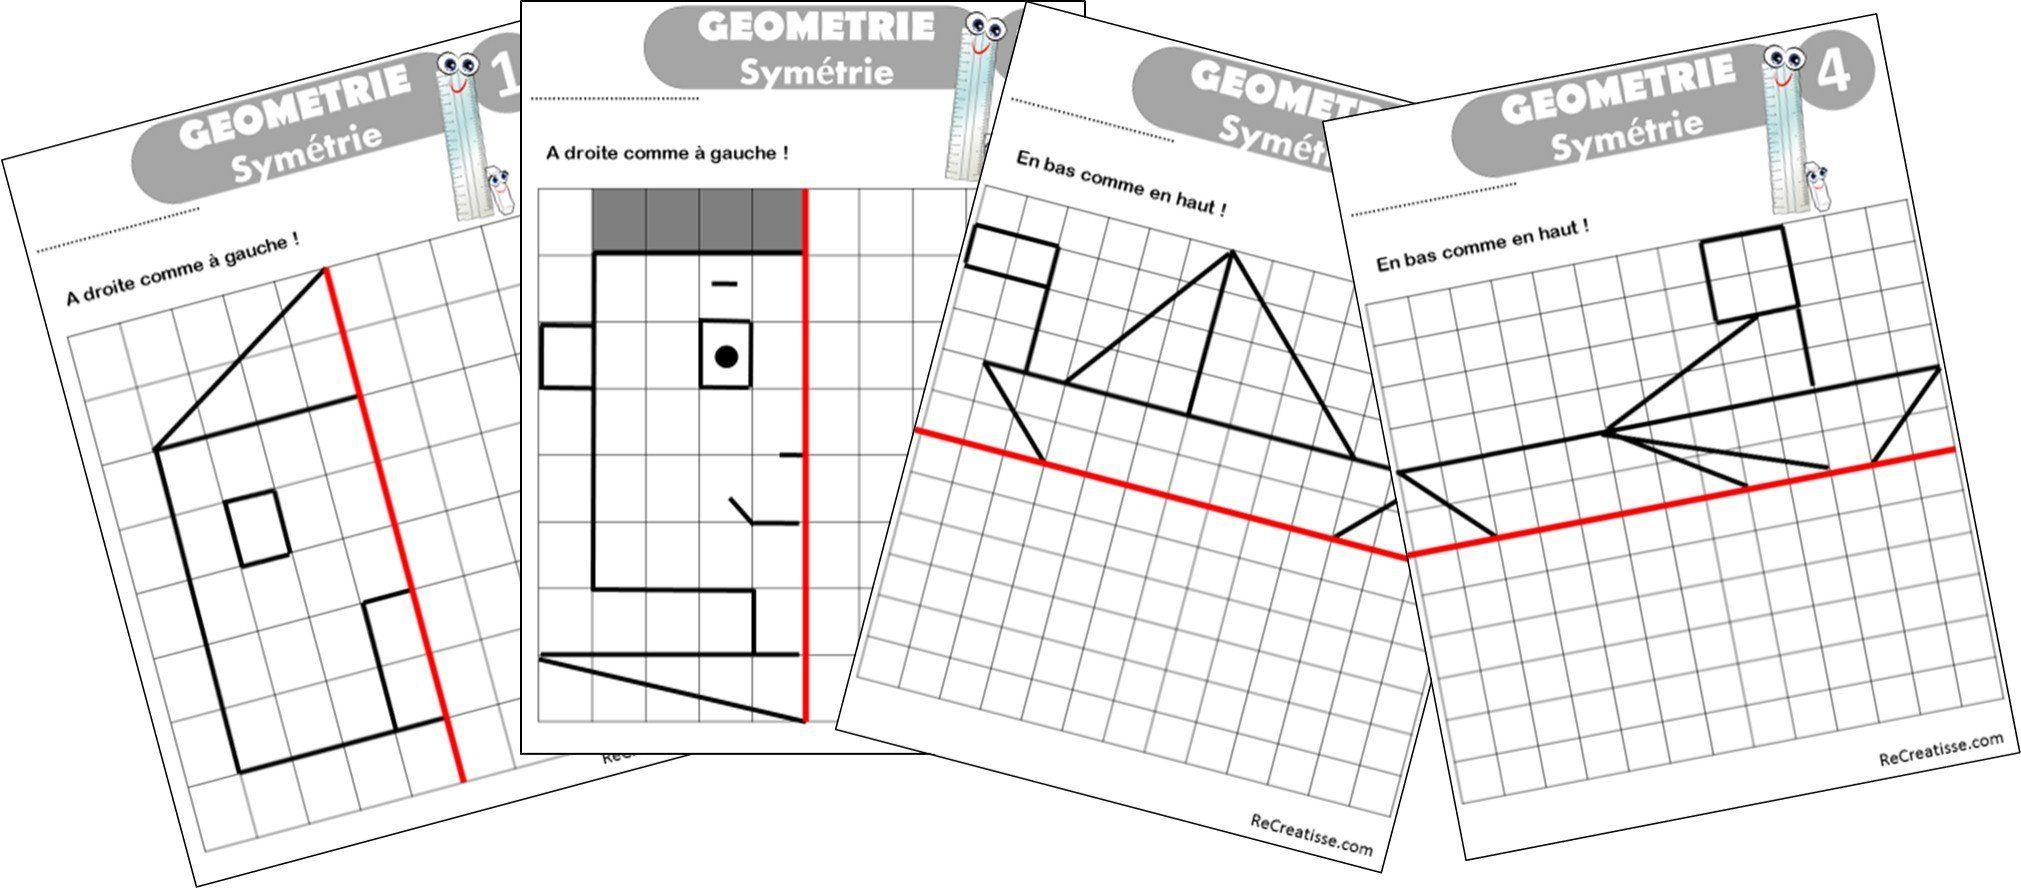 Geometrie : Ateliers Symétrie Et Exercices | Géométrie tout Symétrie Ce1 Ce2